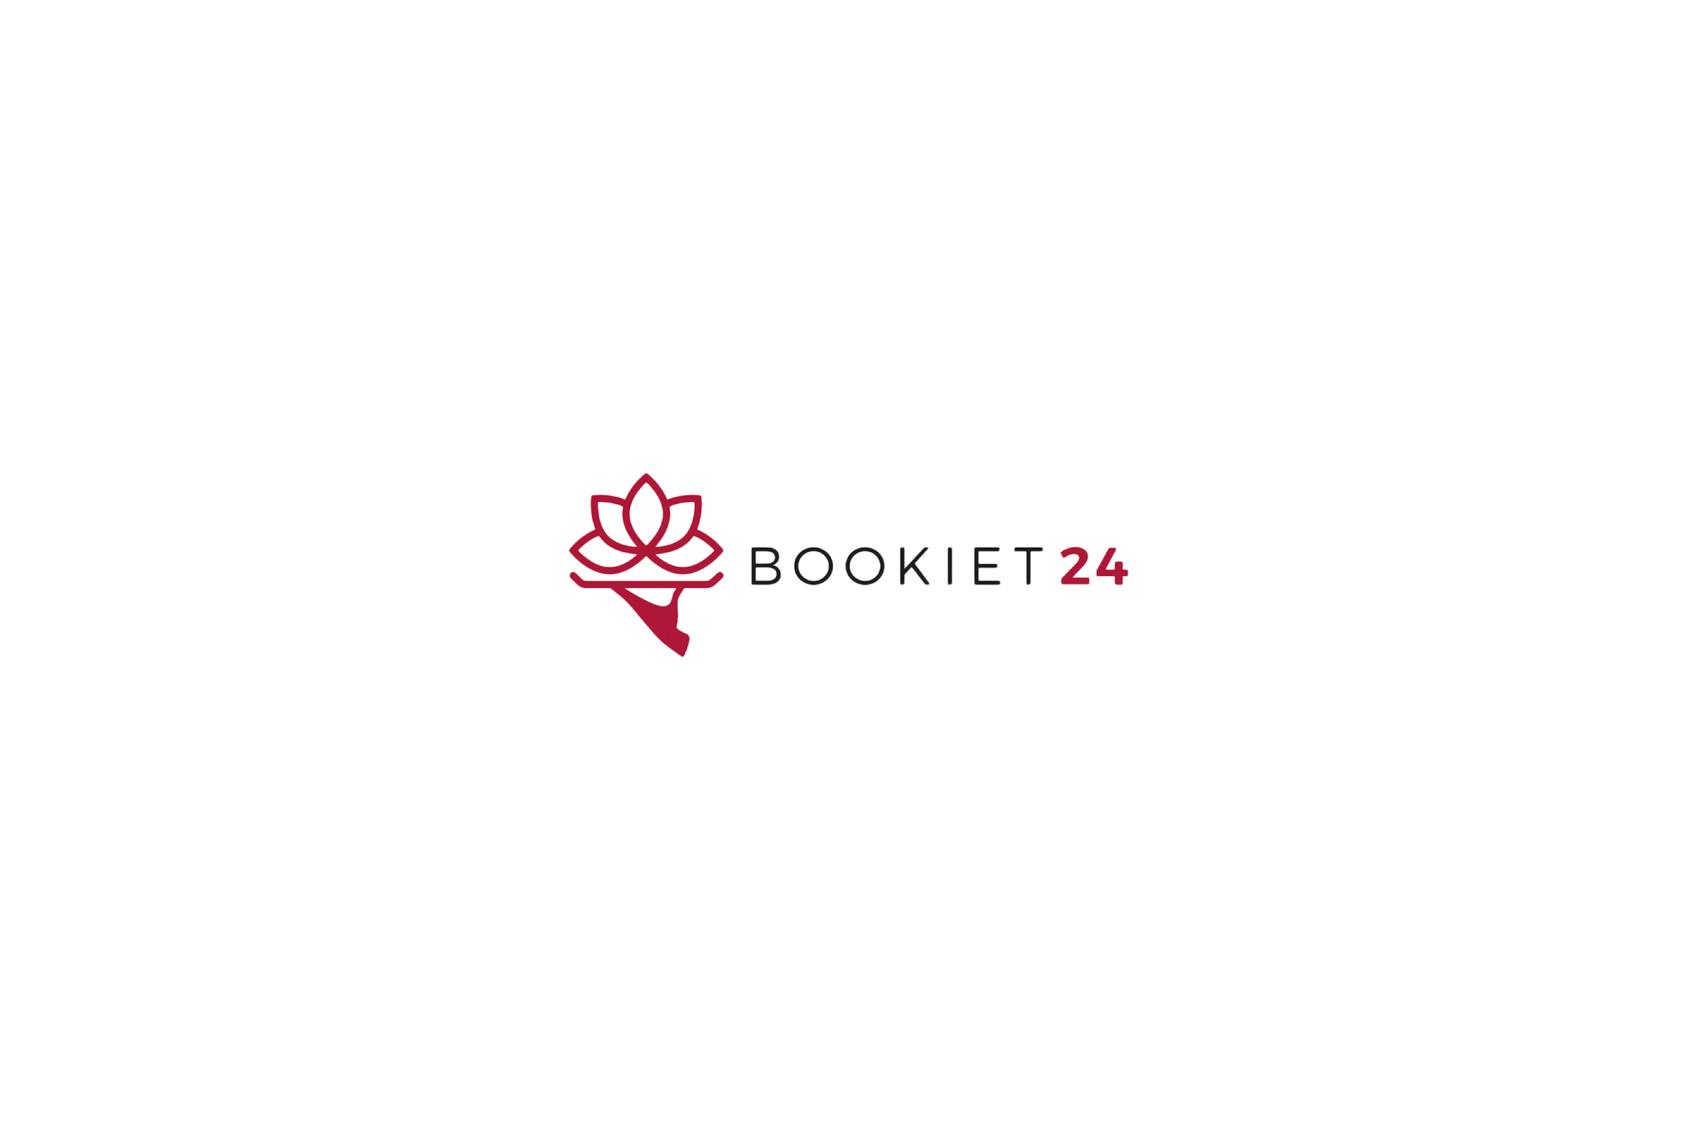 Bookiet24.pl